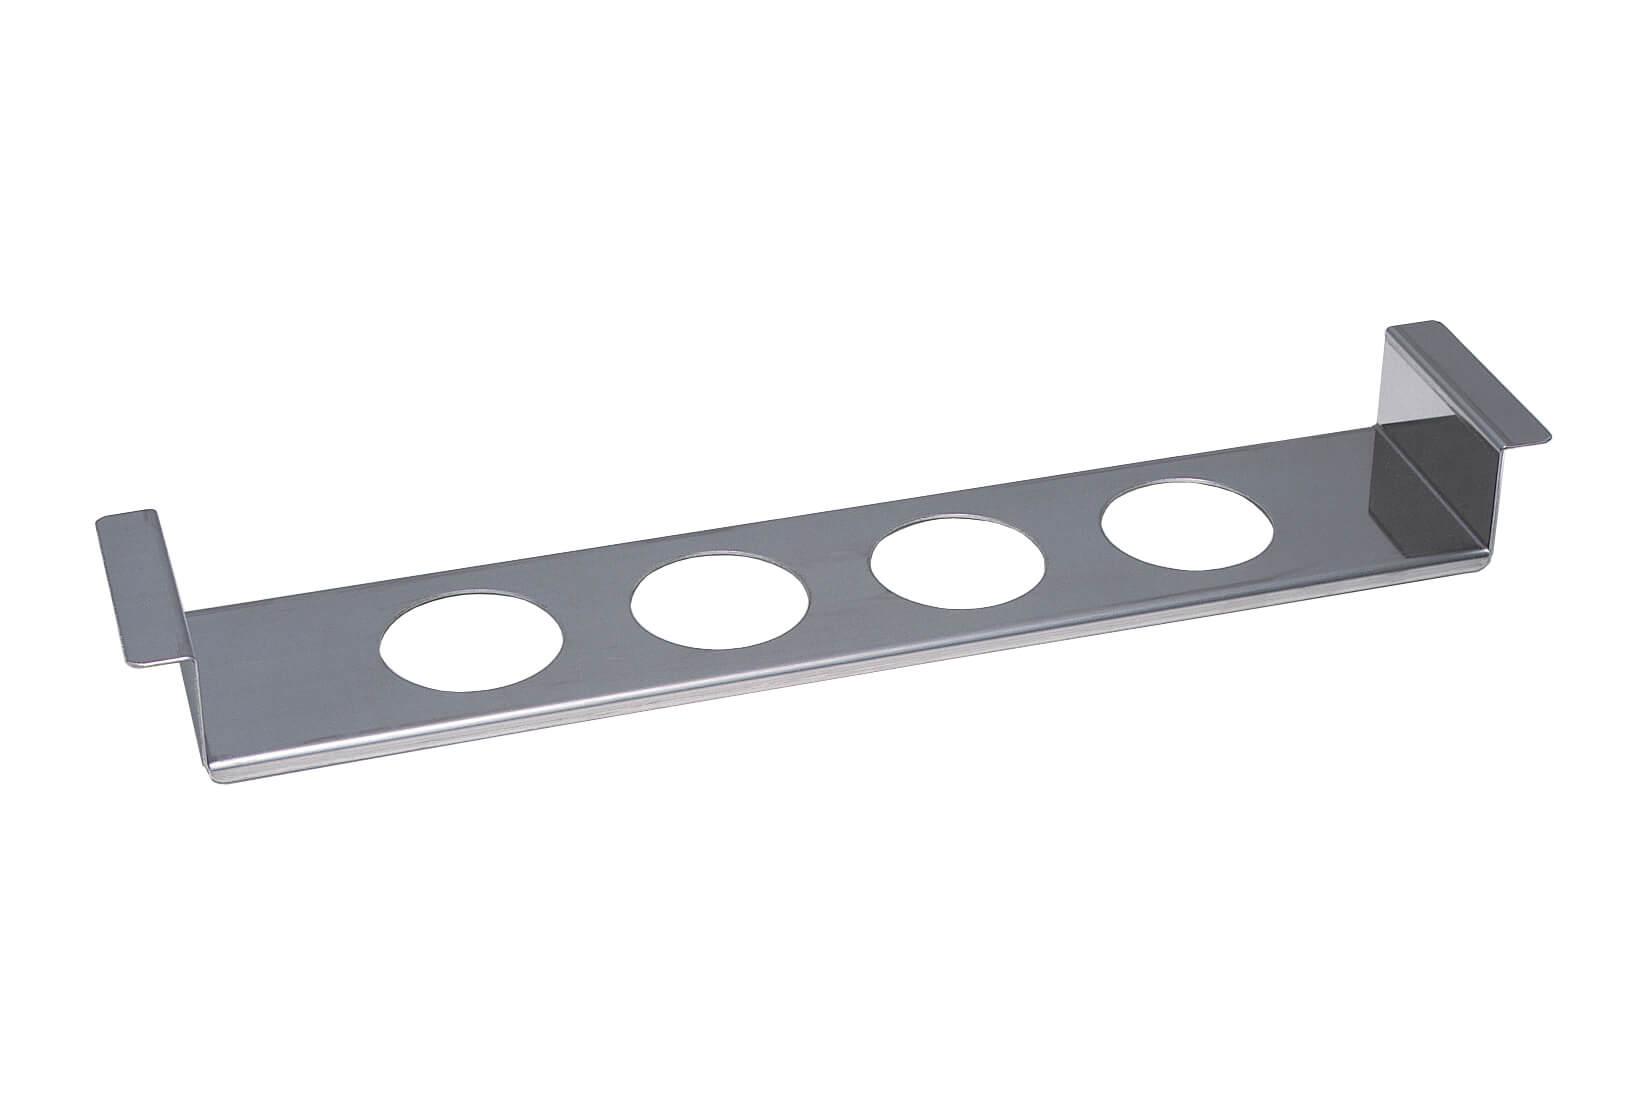 粘度計ホルダー用保持器具(¥18,000)